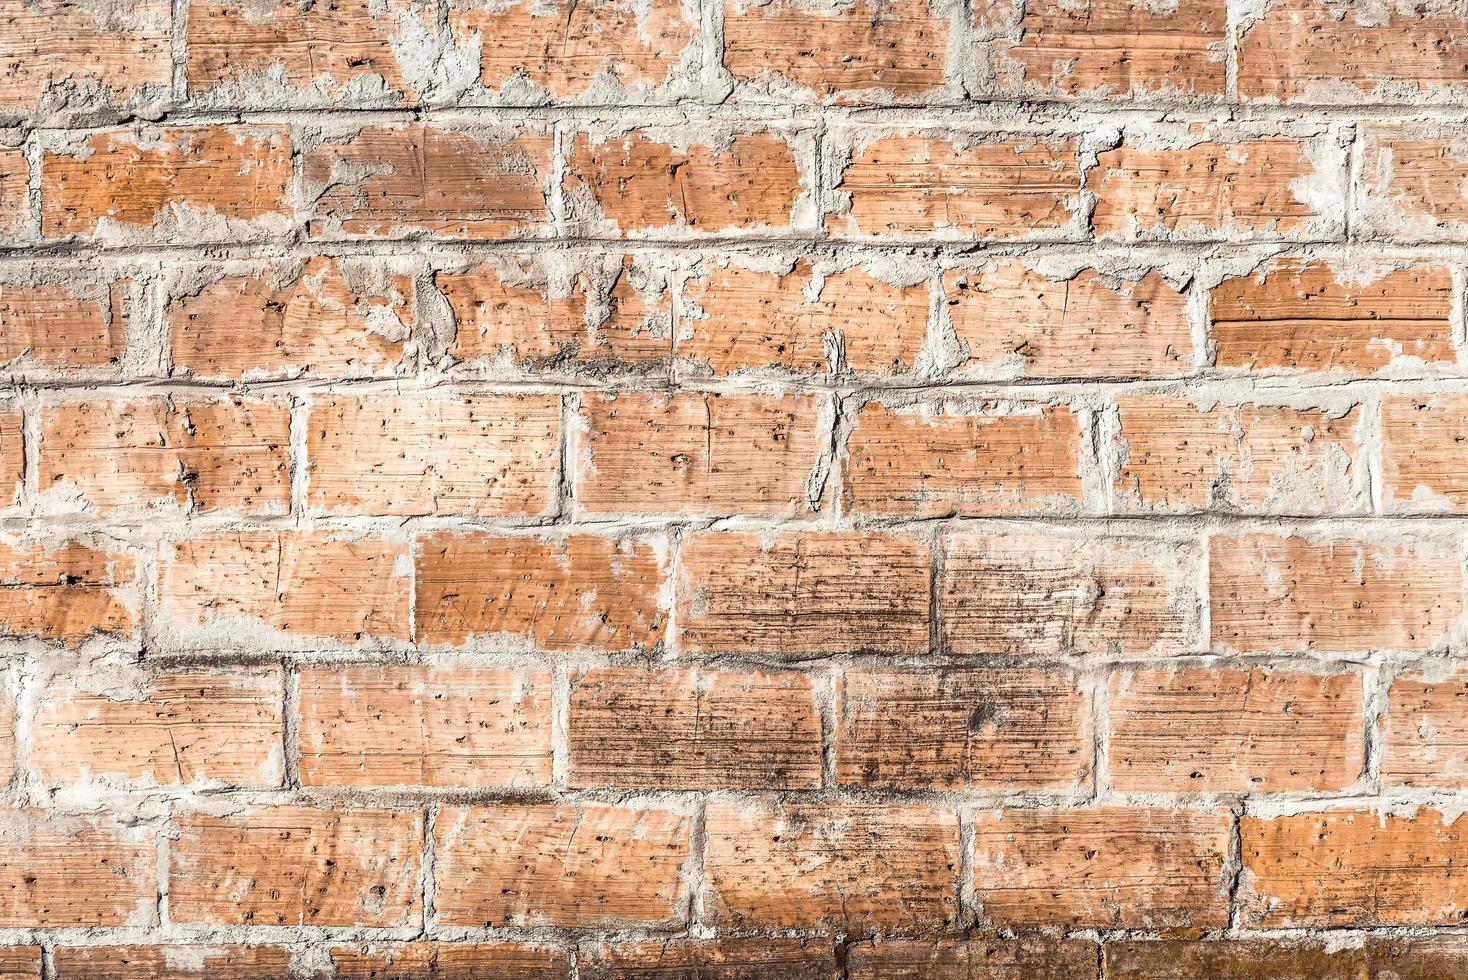 gammal väderbitna tegelvägg foto